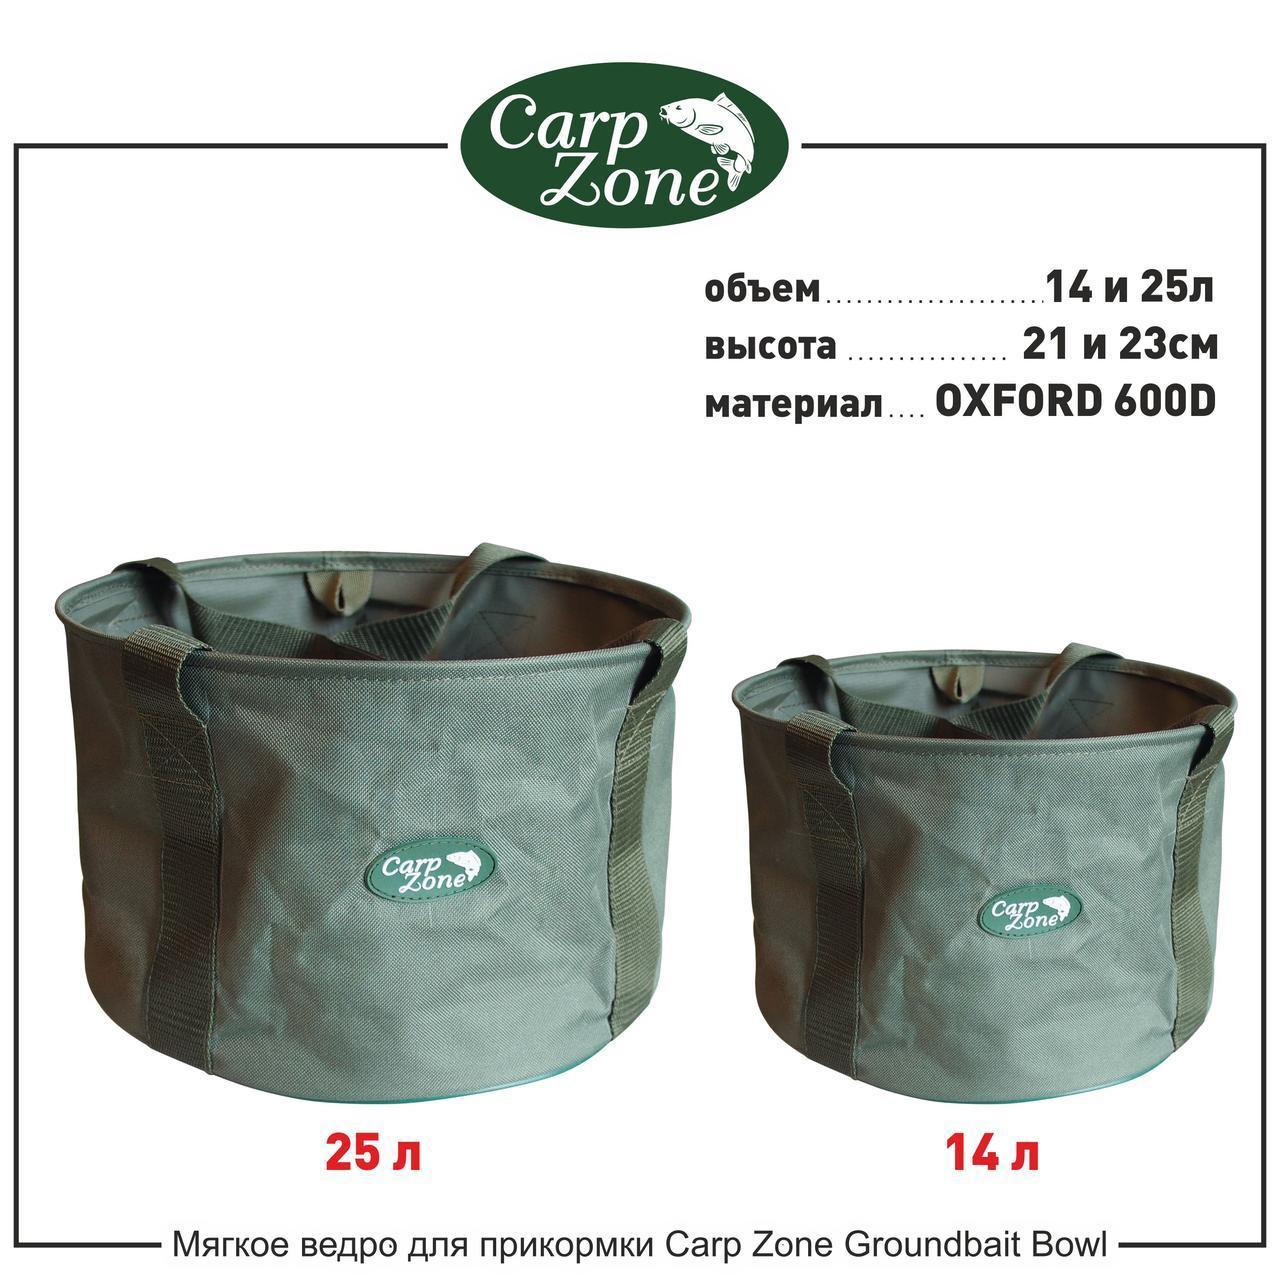 Мягкое ведро для прикормки Carp Zone Groundbait Bowl  14л